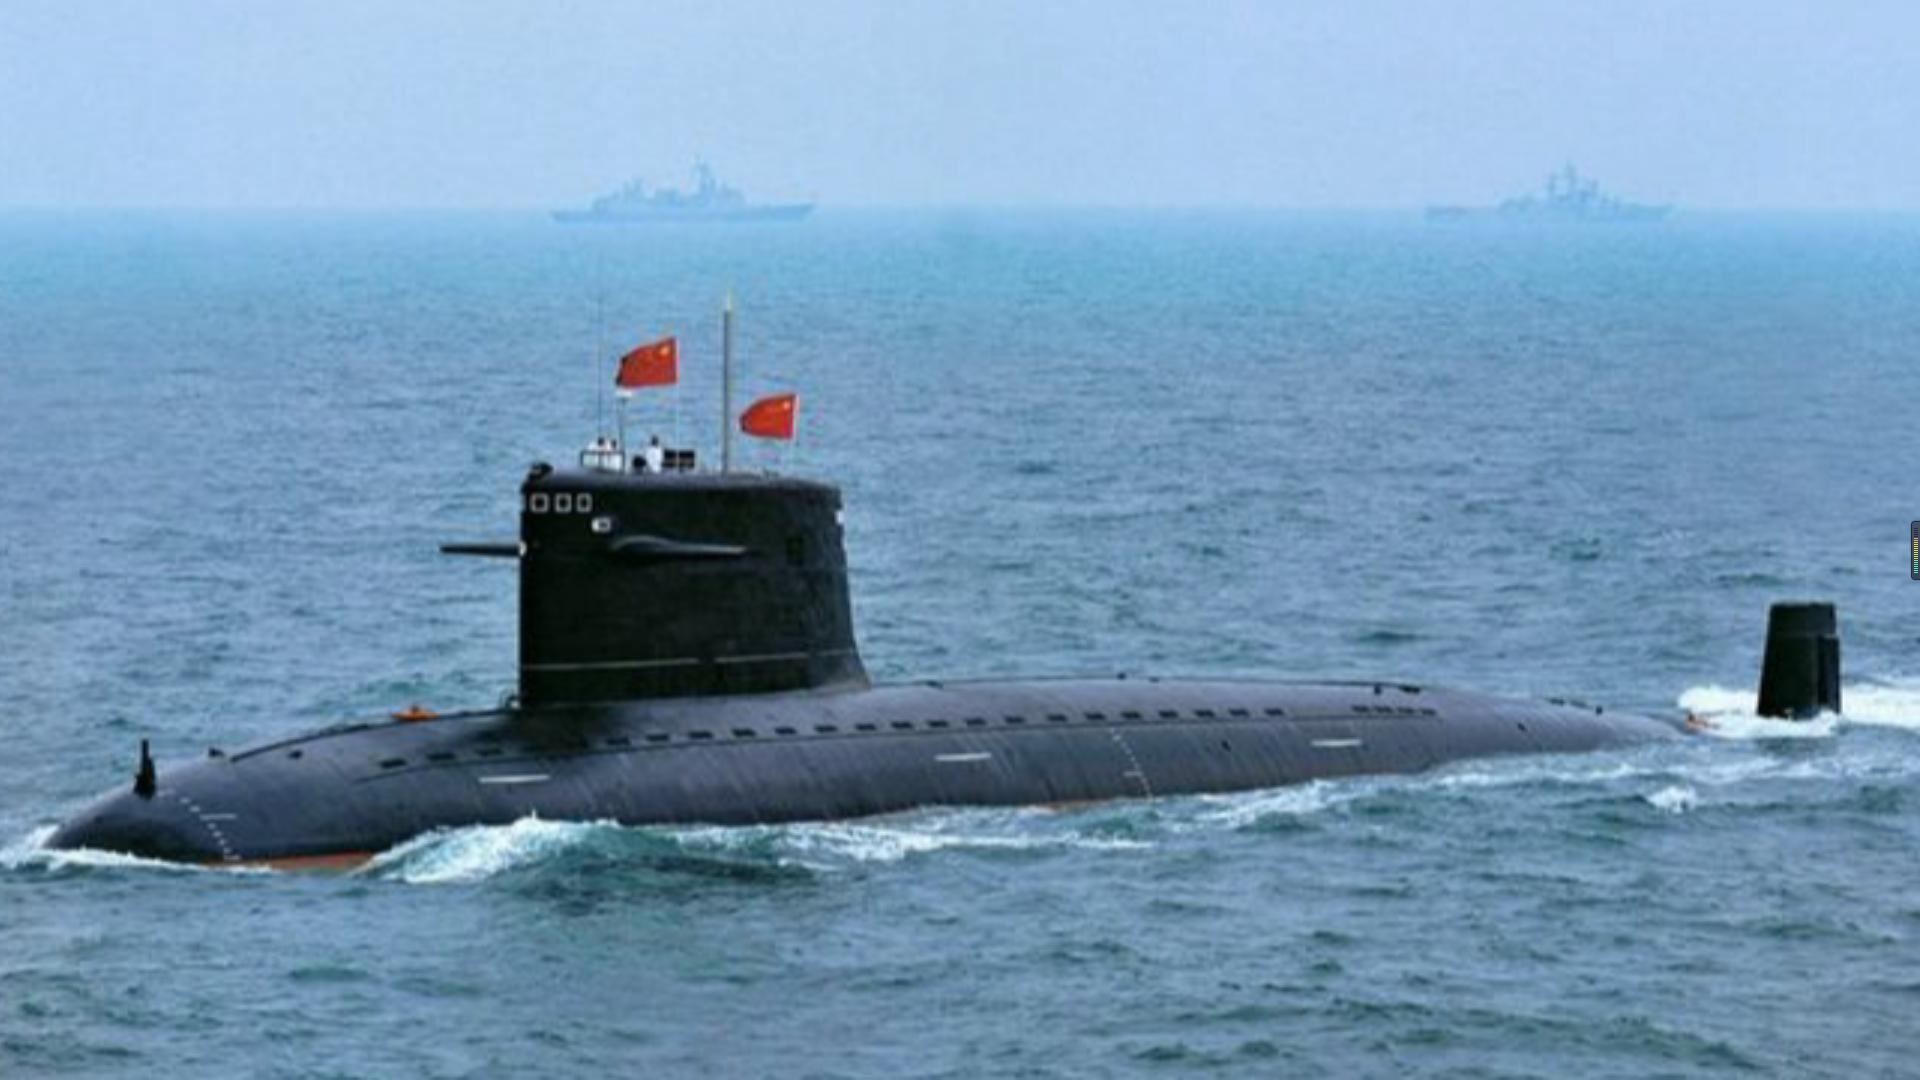 美卫星盯了244天 发现中国第5艘094核潜艇